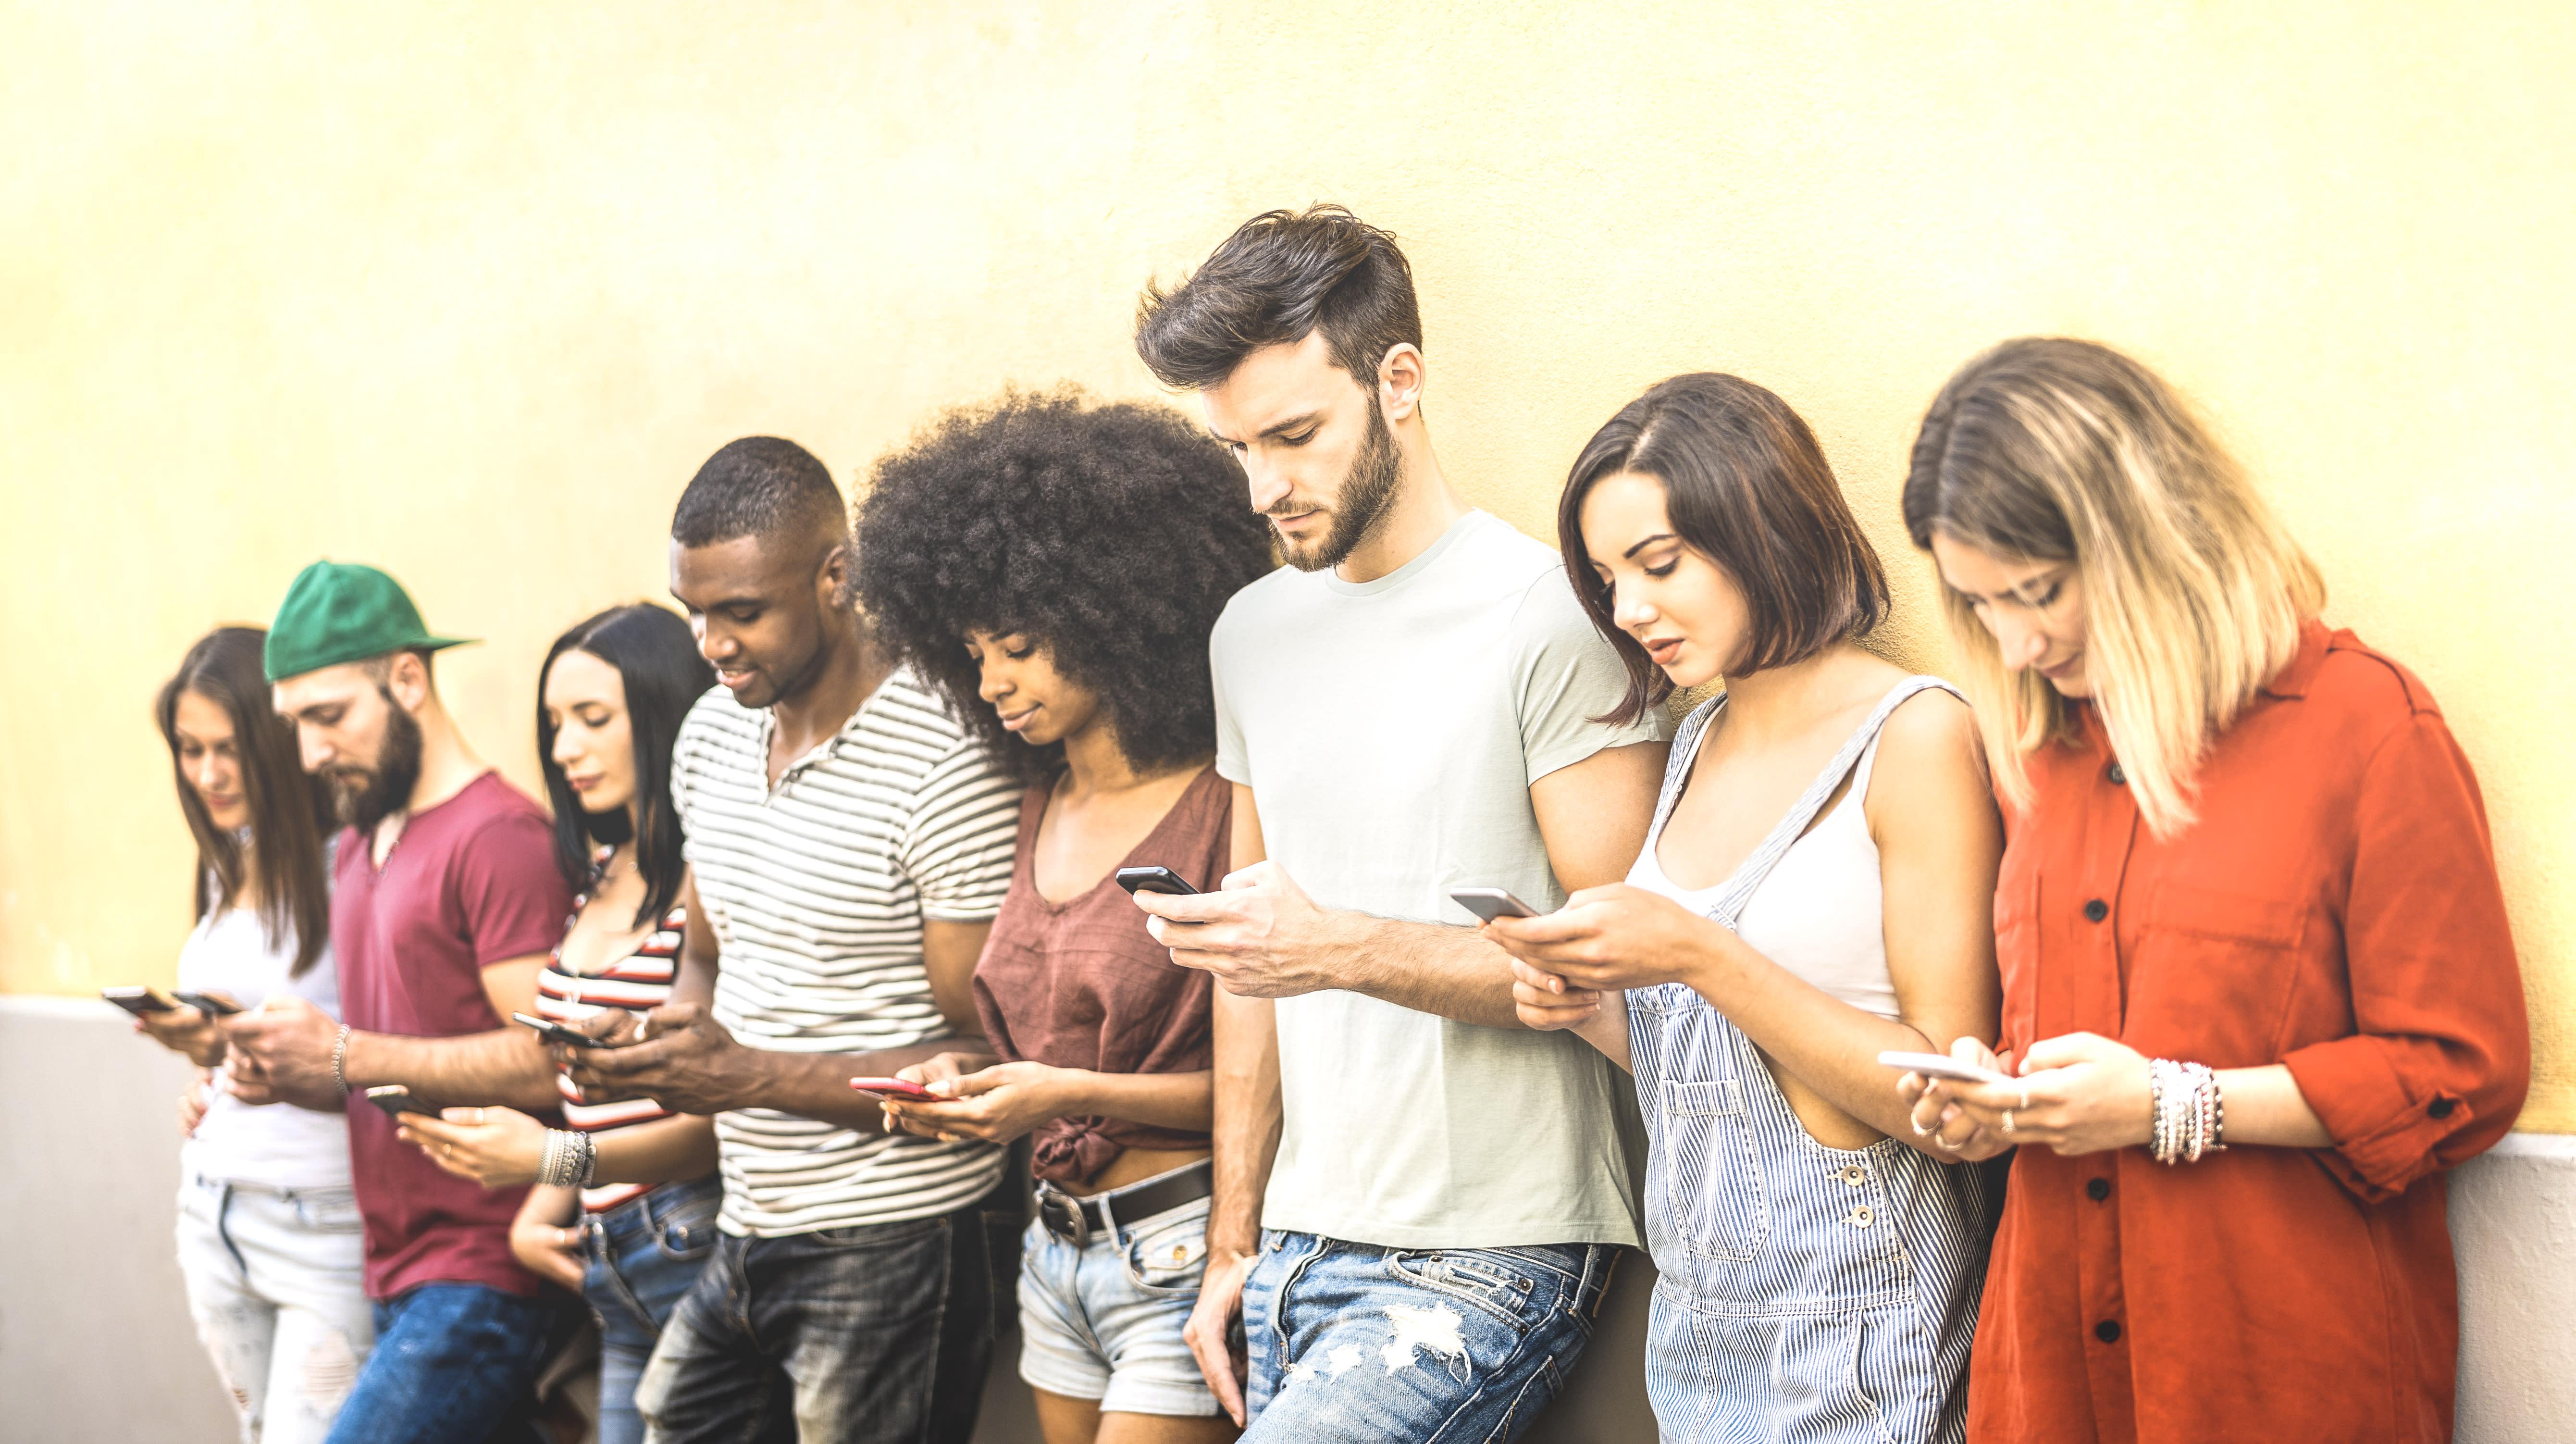 Cenário atual facilita que jovens realizem suas 'revoluções particulares', diz especialista